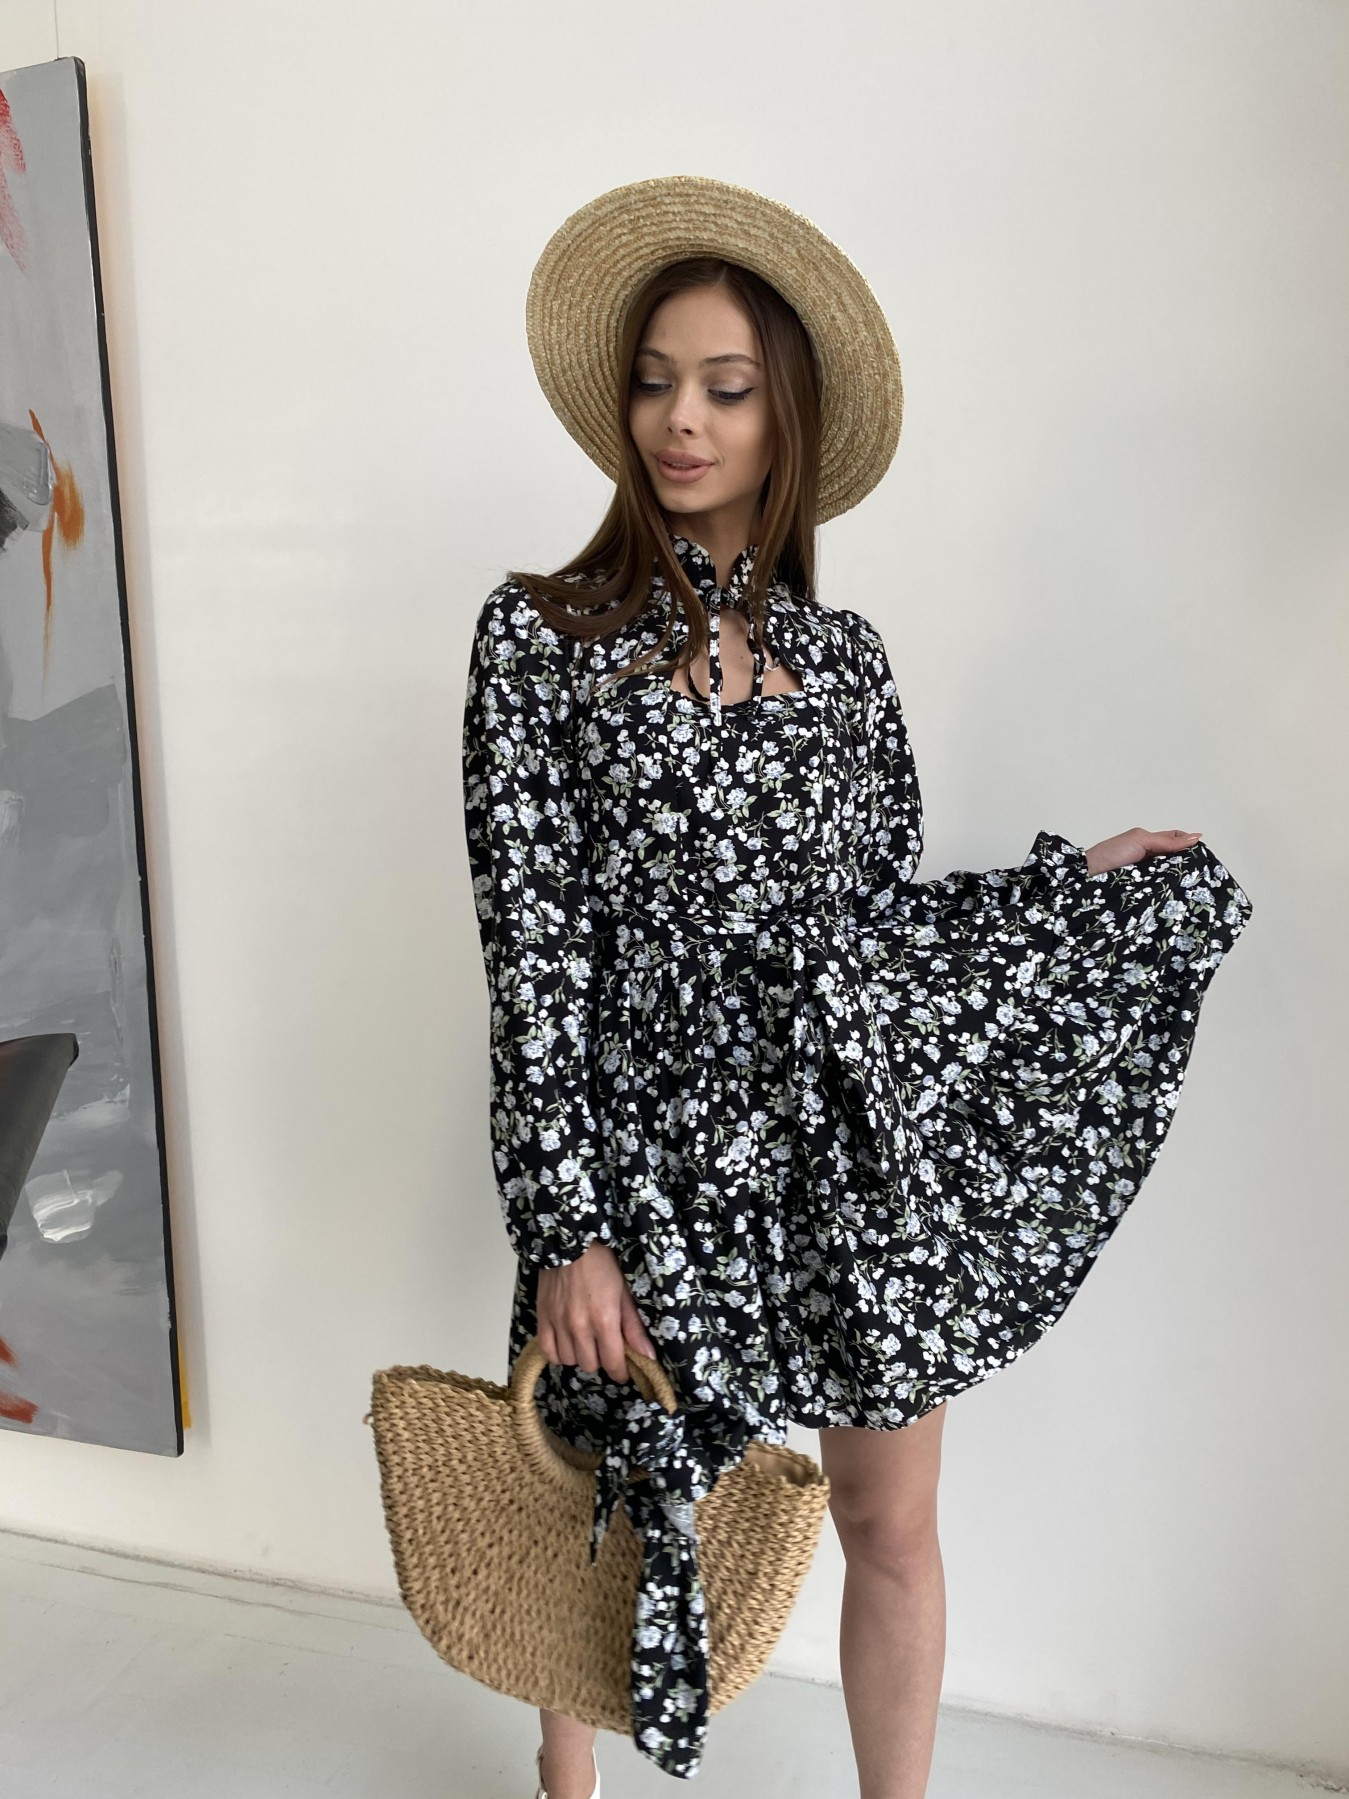 Марселла платье из вискозы и льна 11329 АРТ. 47882 Цвет: Черный/ГолубаяХризантема - фото 2, интернет магазин tm-modus.ru